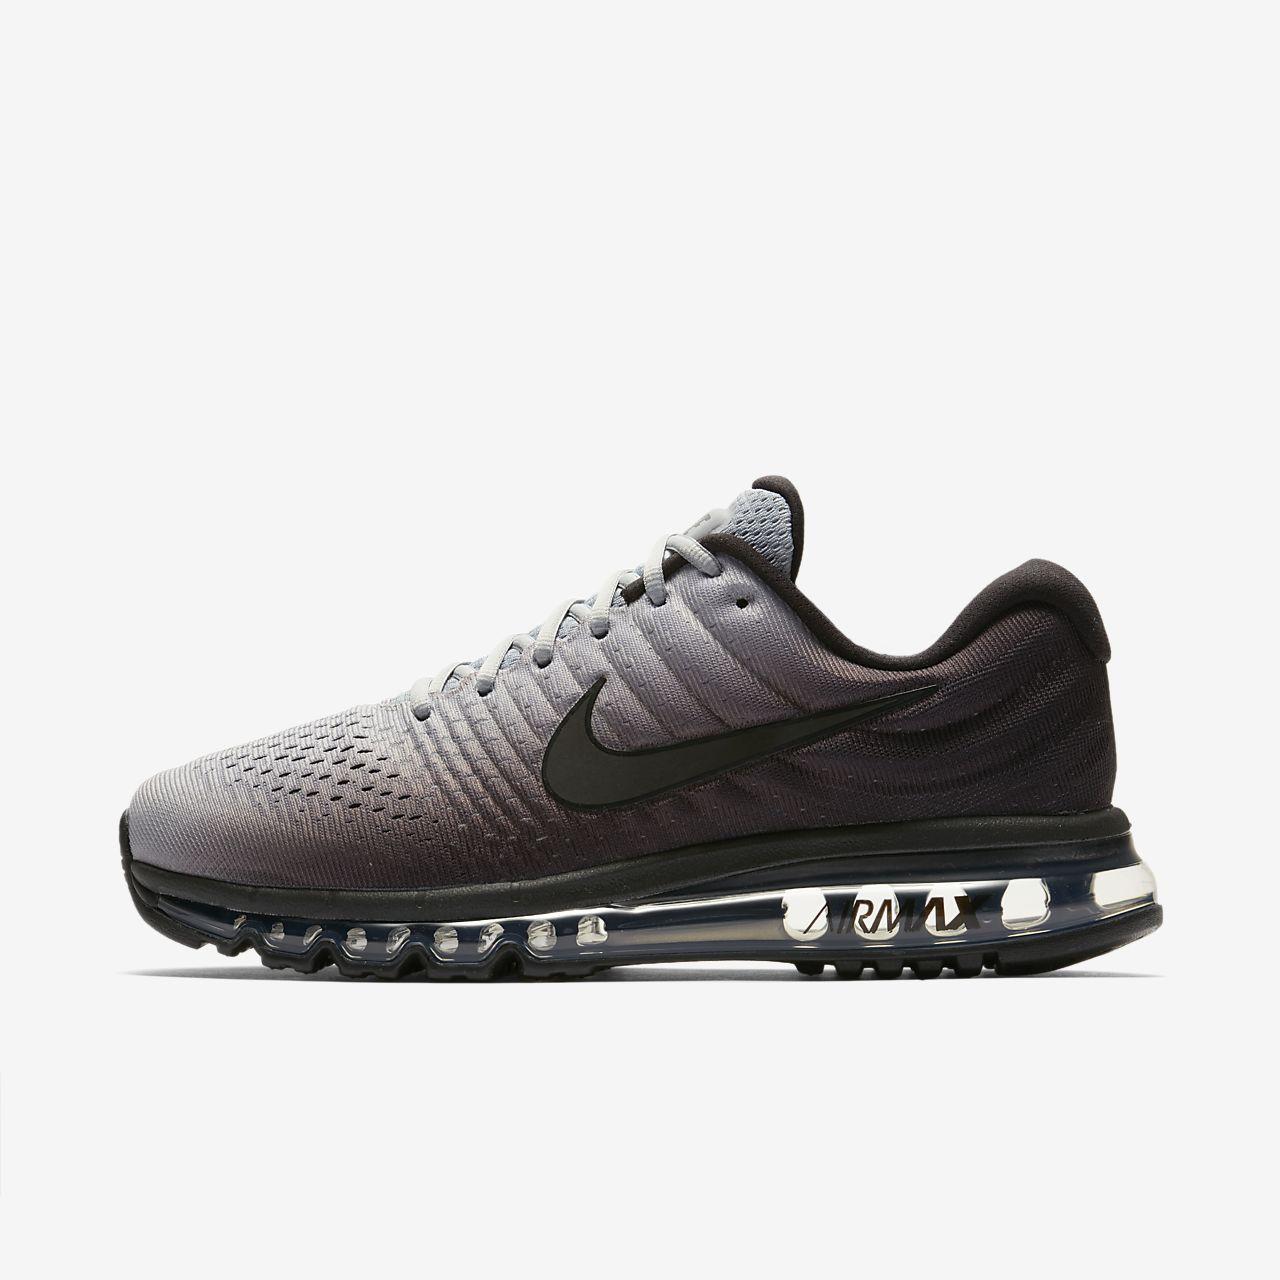 Nike Air Max 2017 hombre